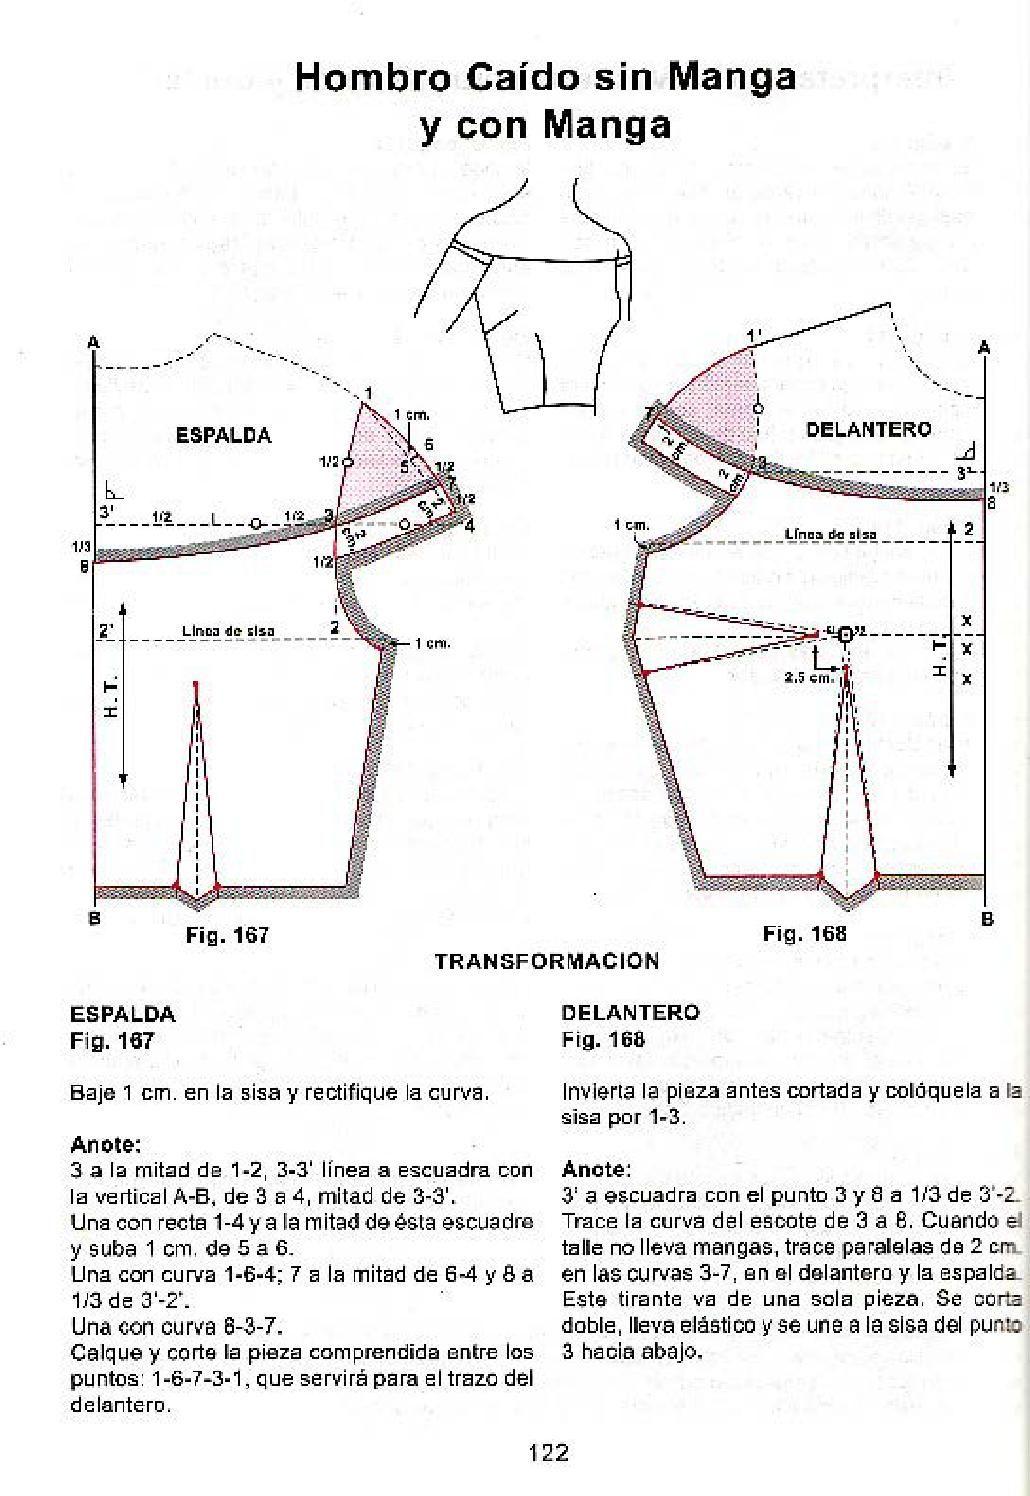 Patron hombro caido | costura | Pinterest | Costura, Moldes y Patrones